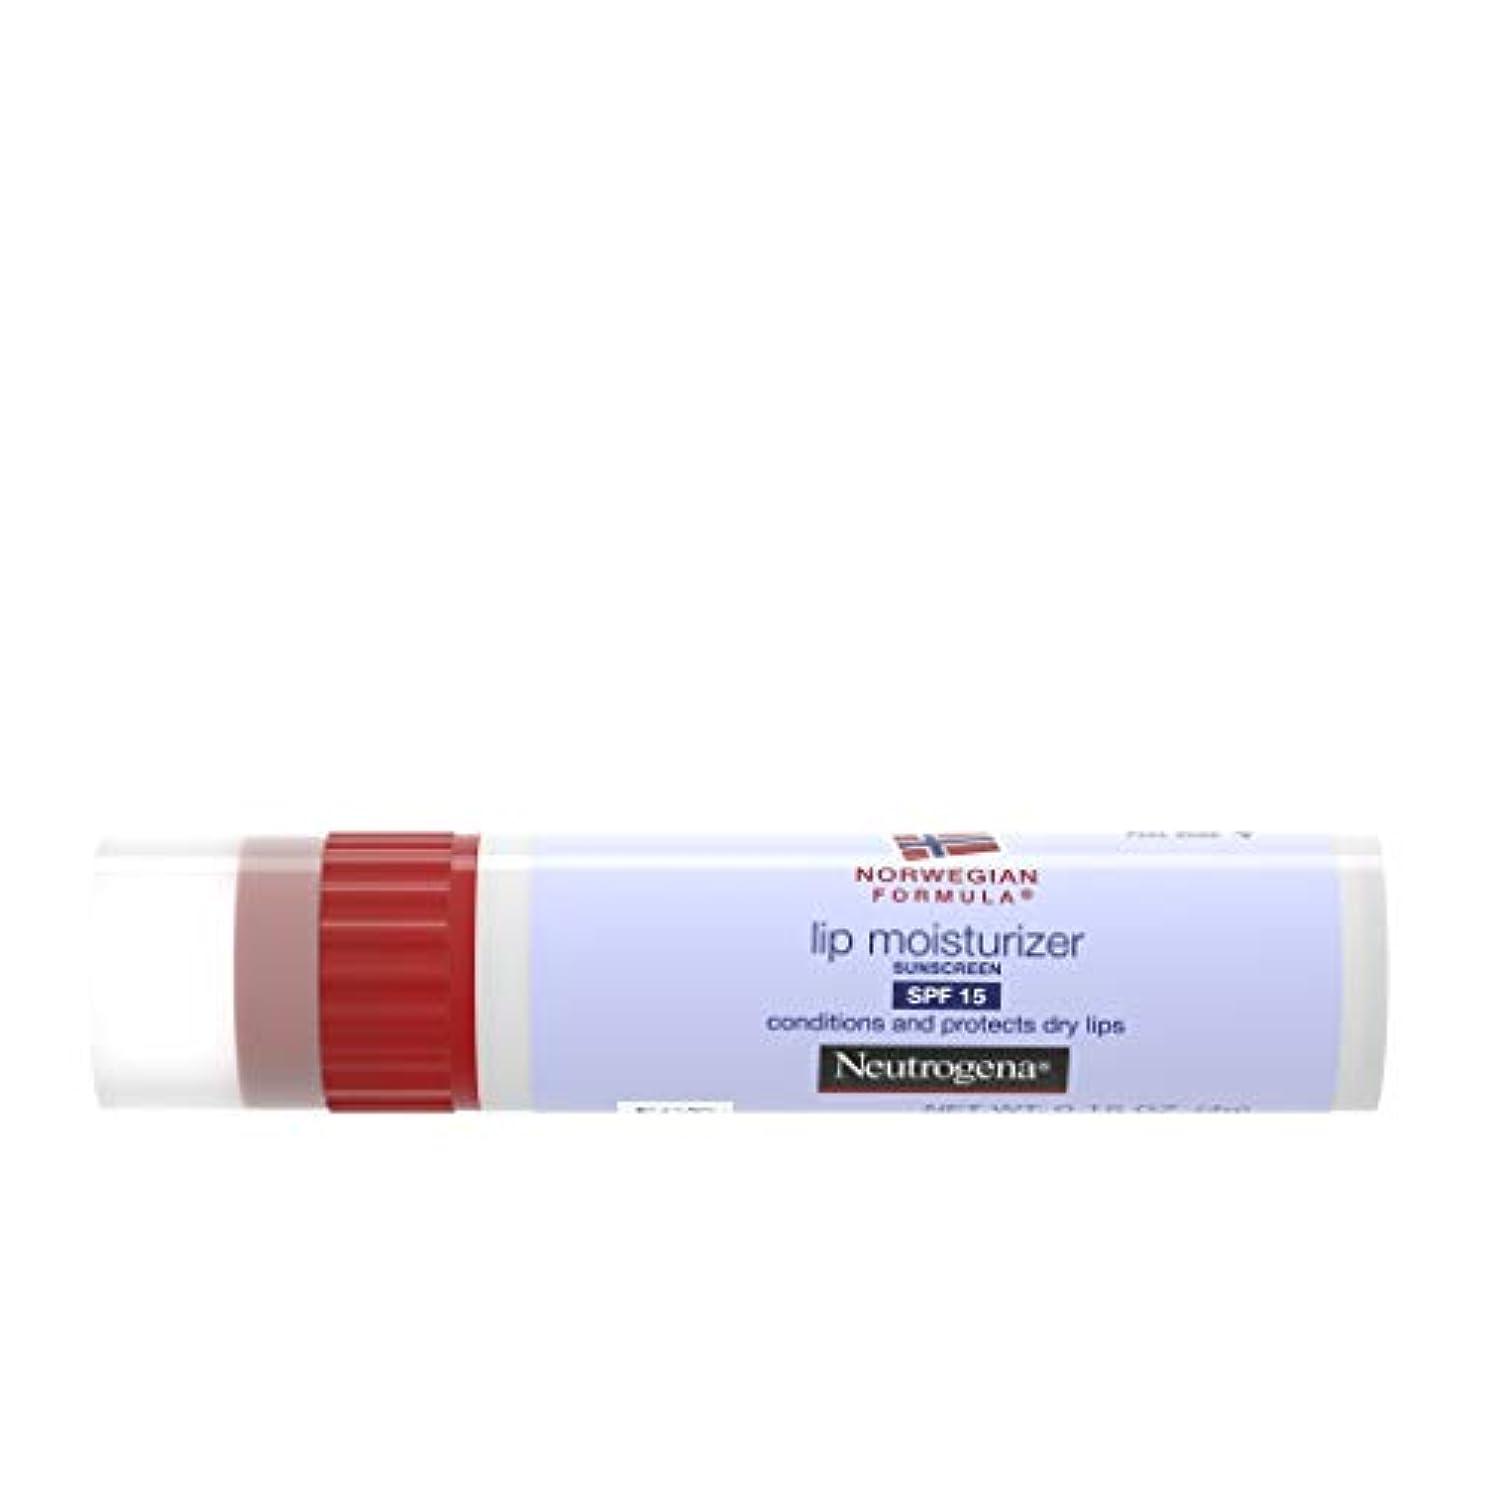 スラダムオーナー輸血Neutrogena Norwegian Formula Lip Moisturizer, SPF 15, 0.15 Ounce (並行輸入品)